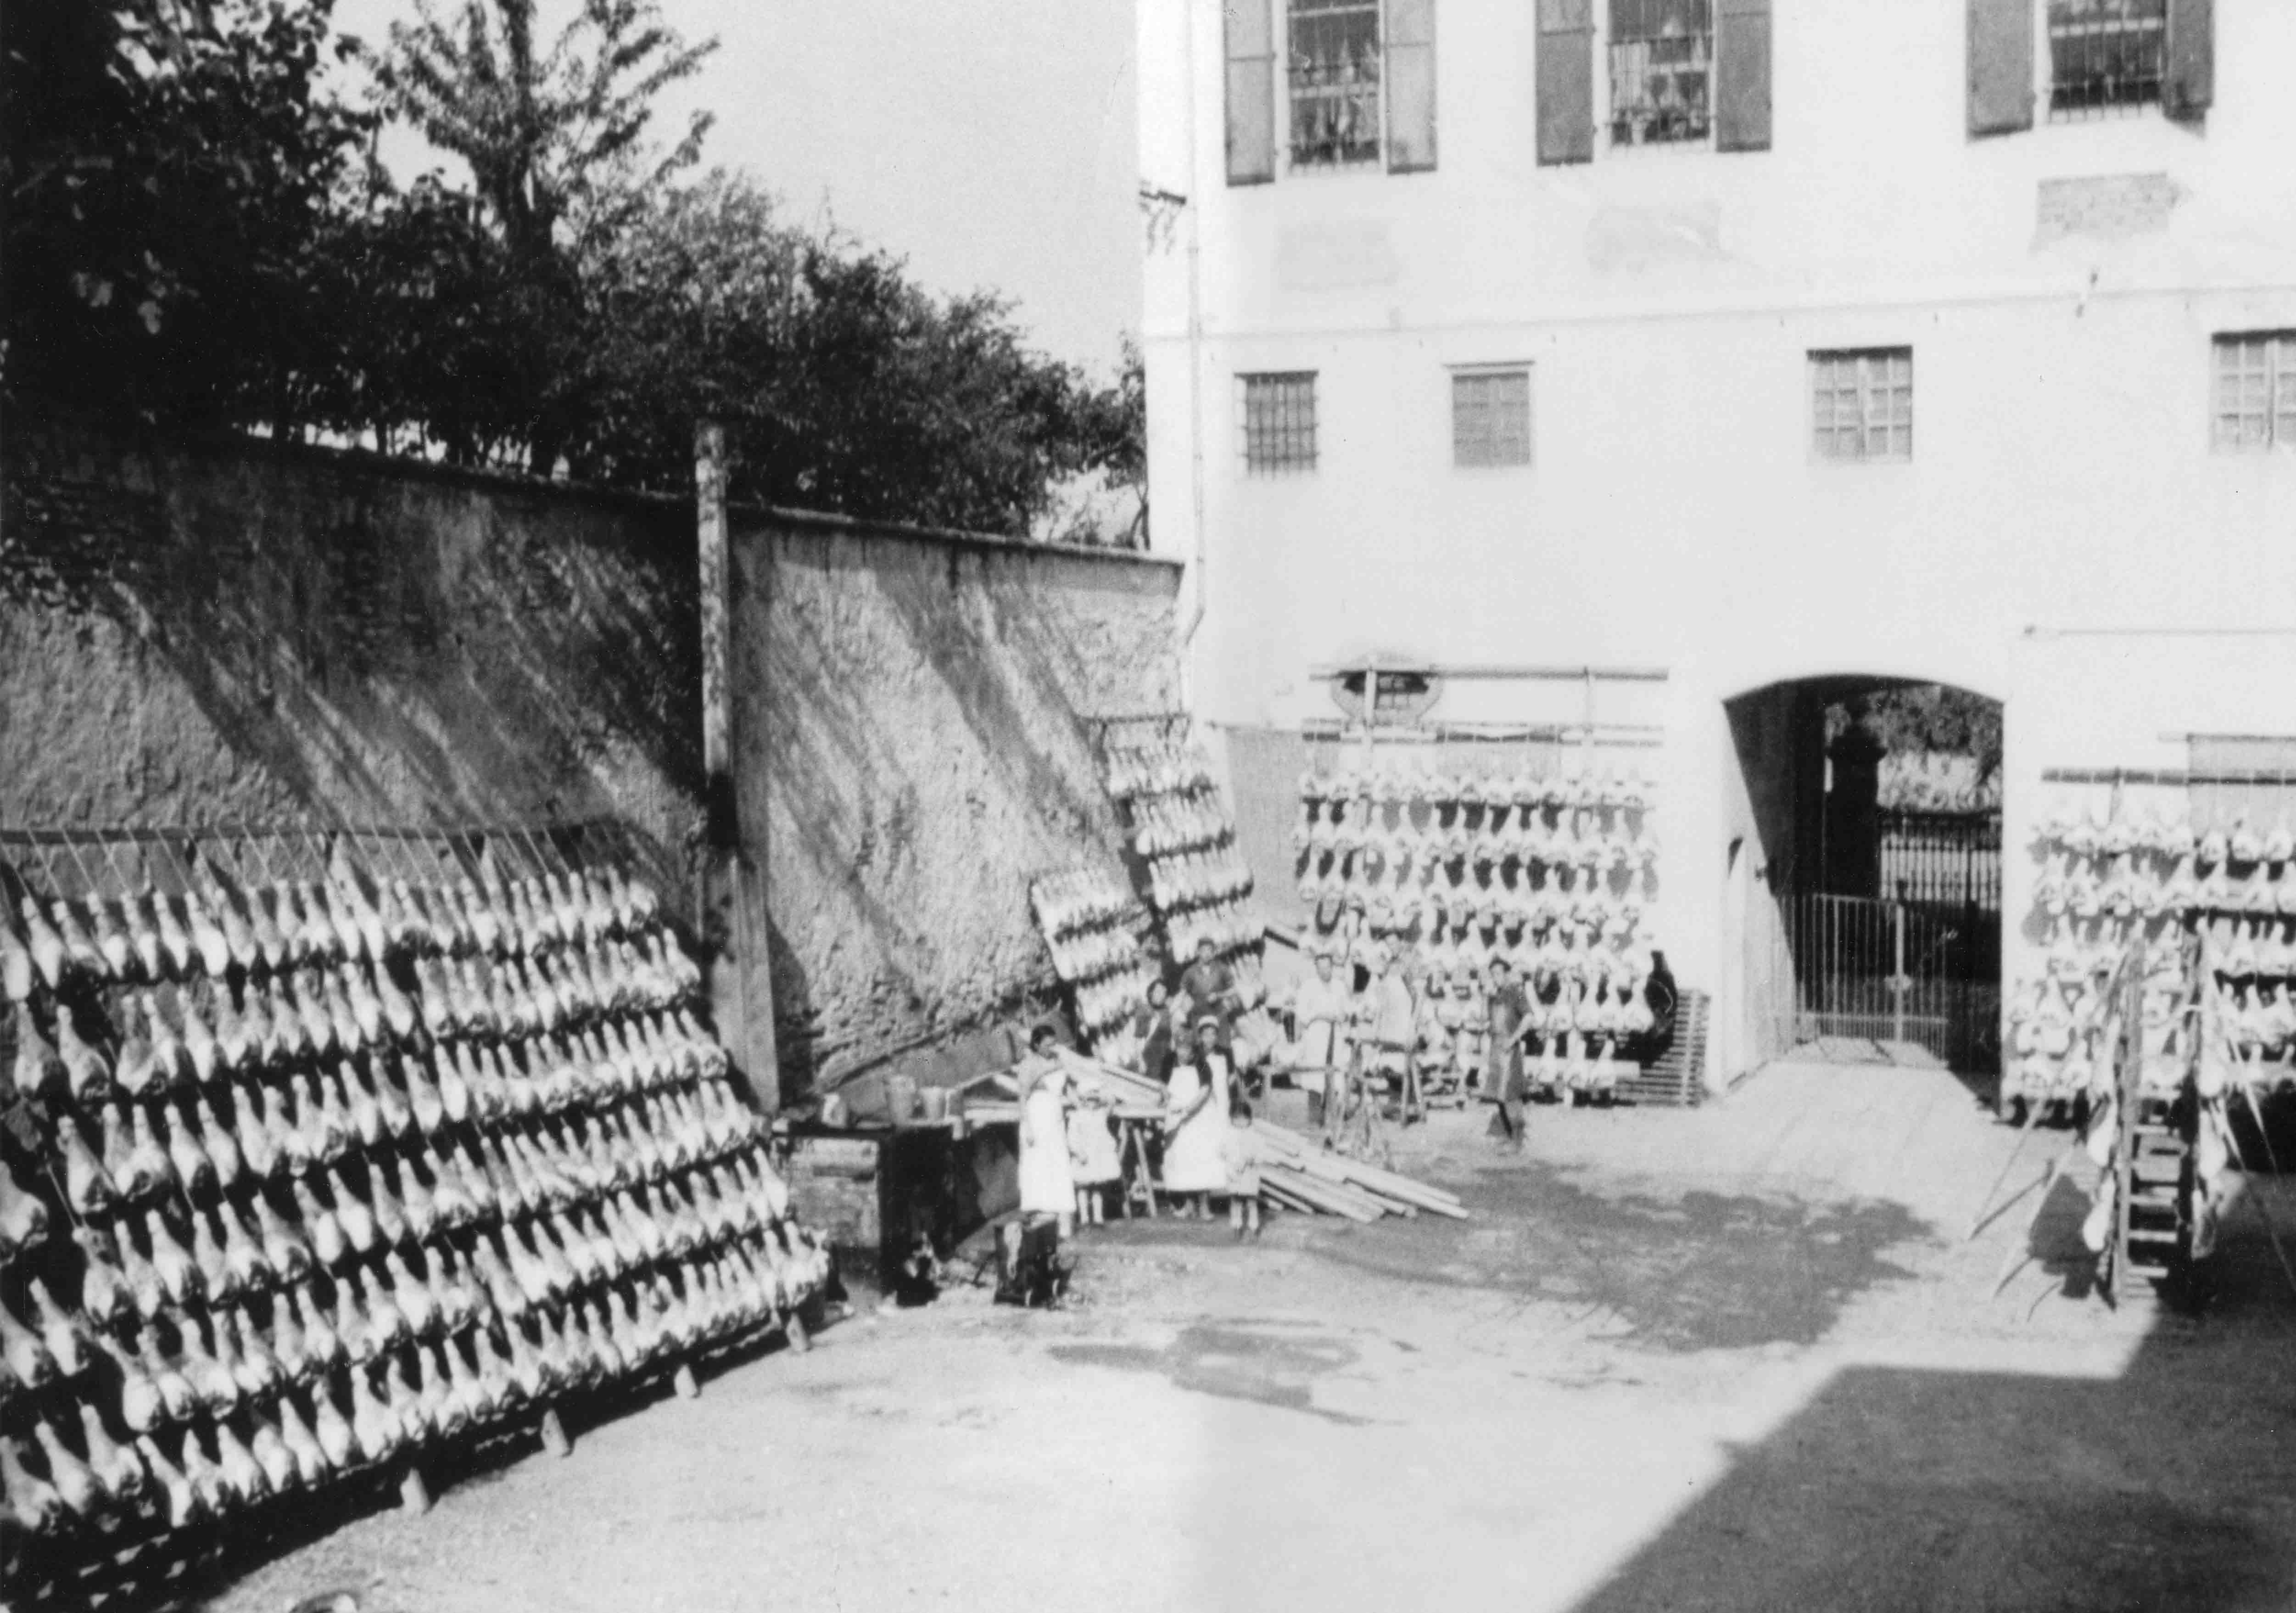 Asciugatura all'aperto dei prosciutti presso la ditta Luppi, San Vitale Bagaganza (PR), 1950 ca.